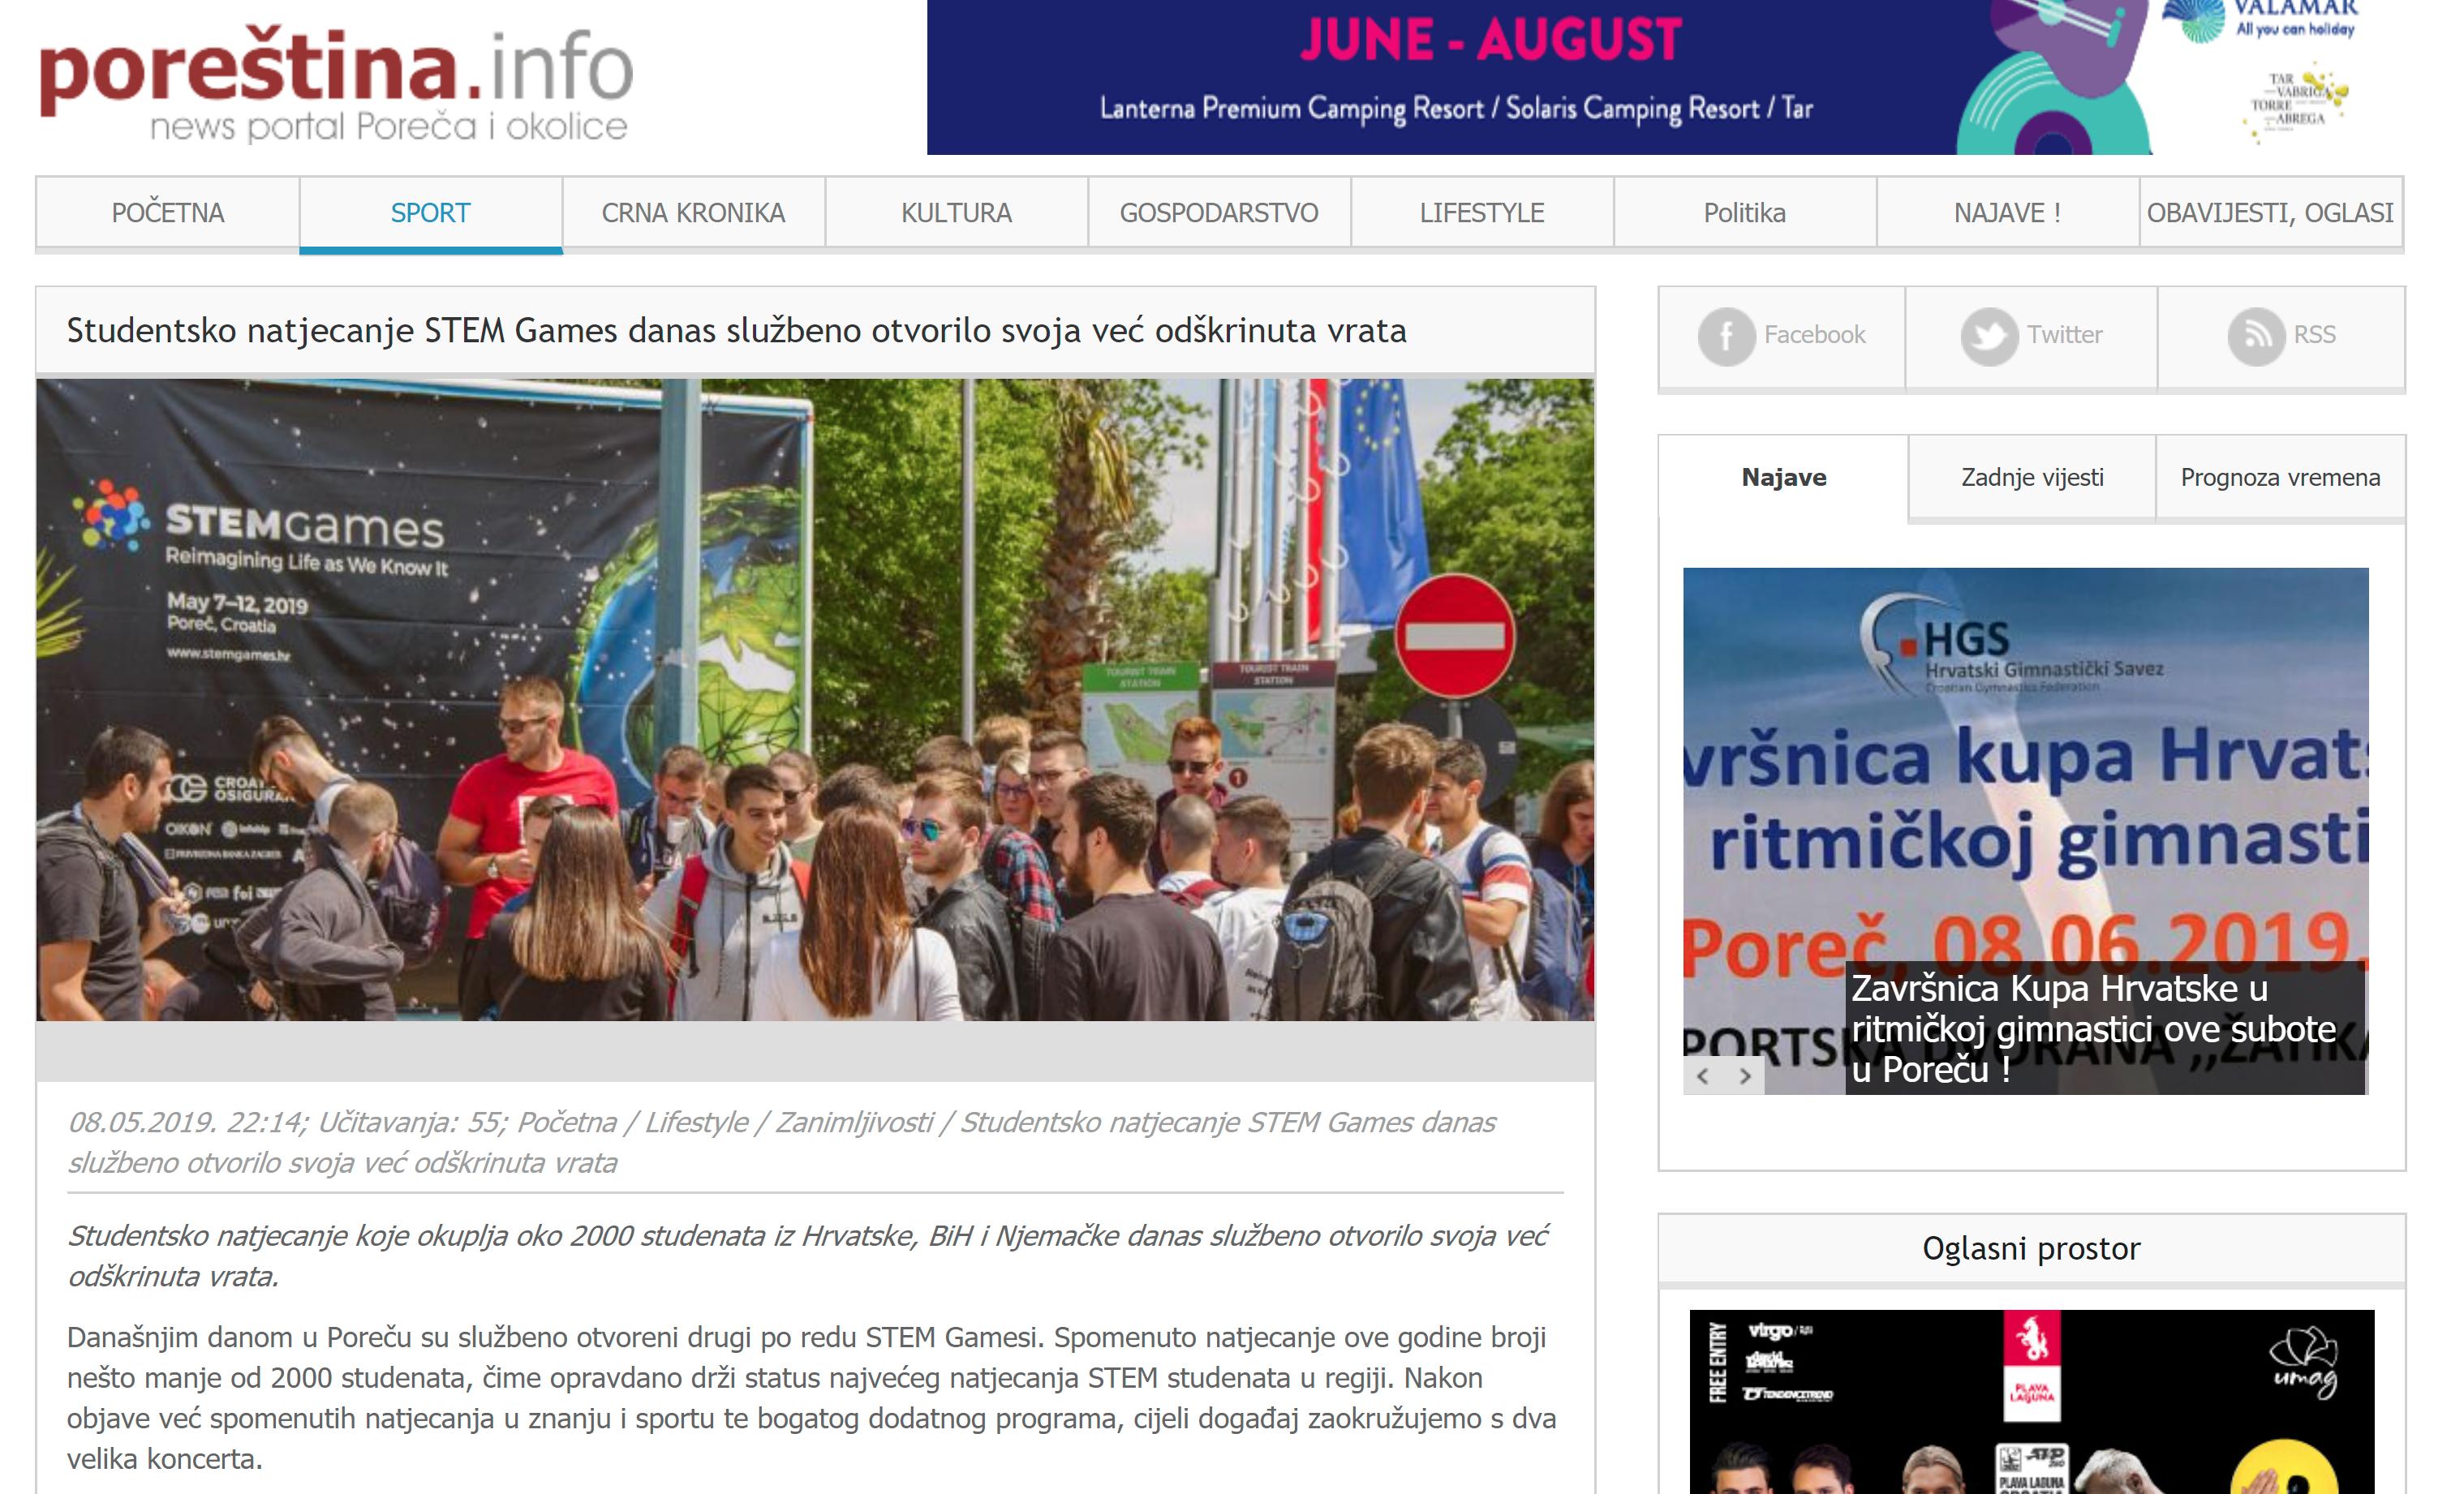 screencapture-porestina-info-studentsko-natjecanje-stem-games-danas-sluzbeno-otvorilo-svoja-vec-odskrinuta-vrata-2019-06-06-06_07_00